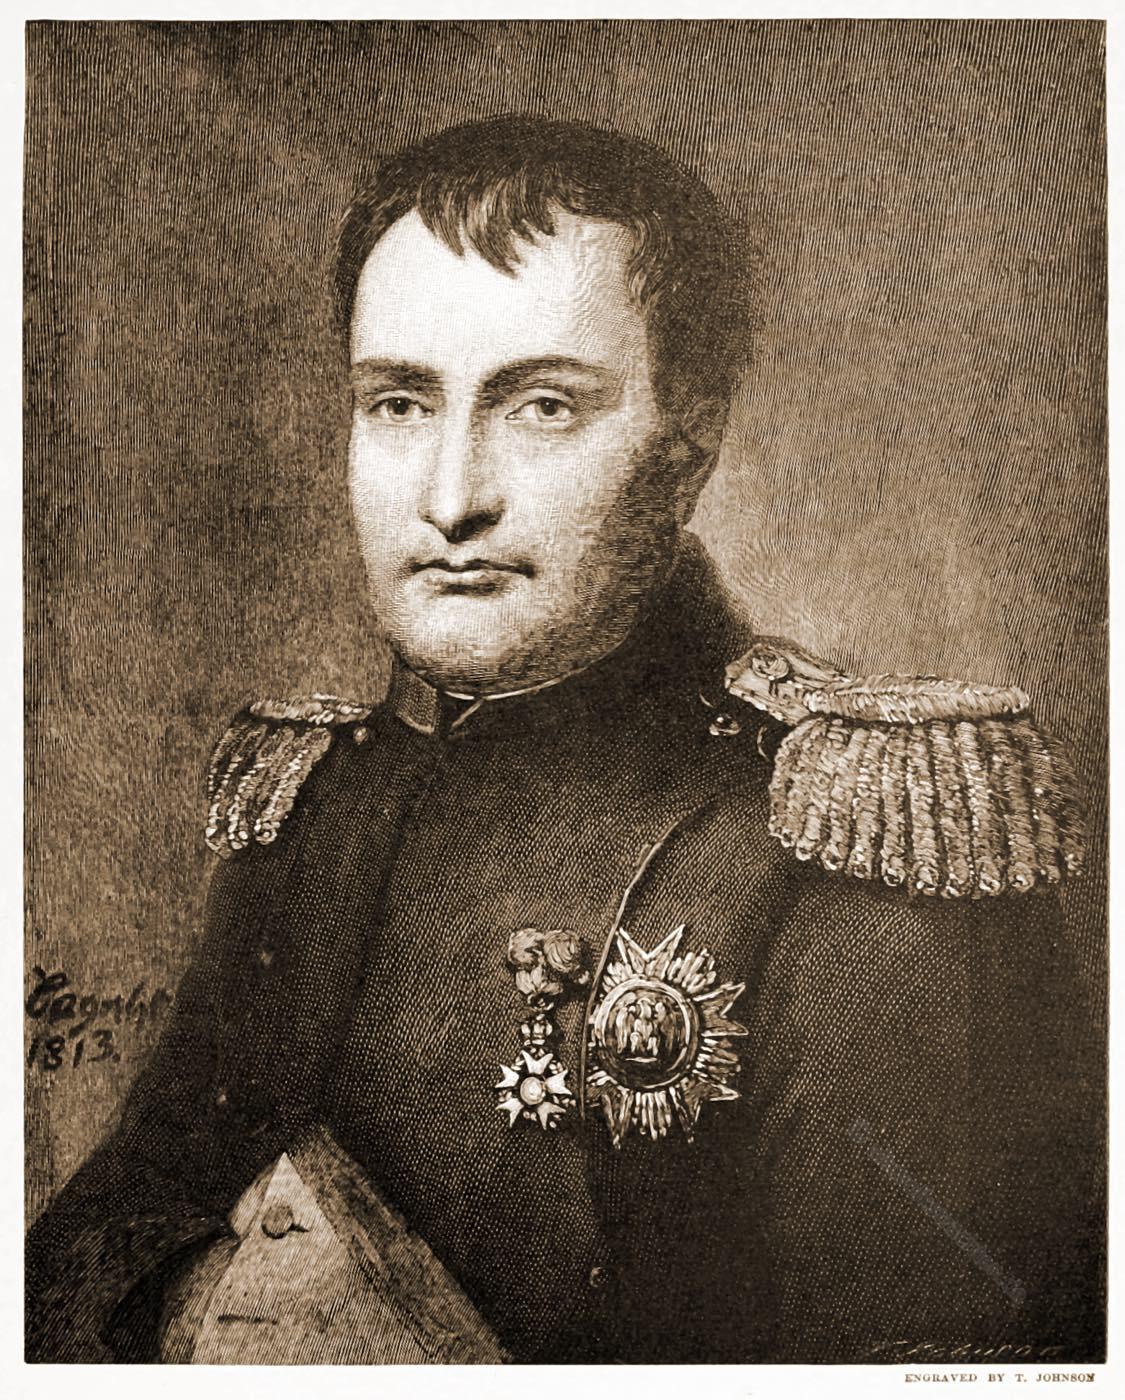 Napoleon Bonaparte, Befreiungskriege, Porträt, Amable-Louise-Claude Pagnest